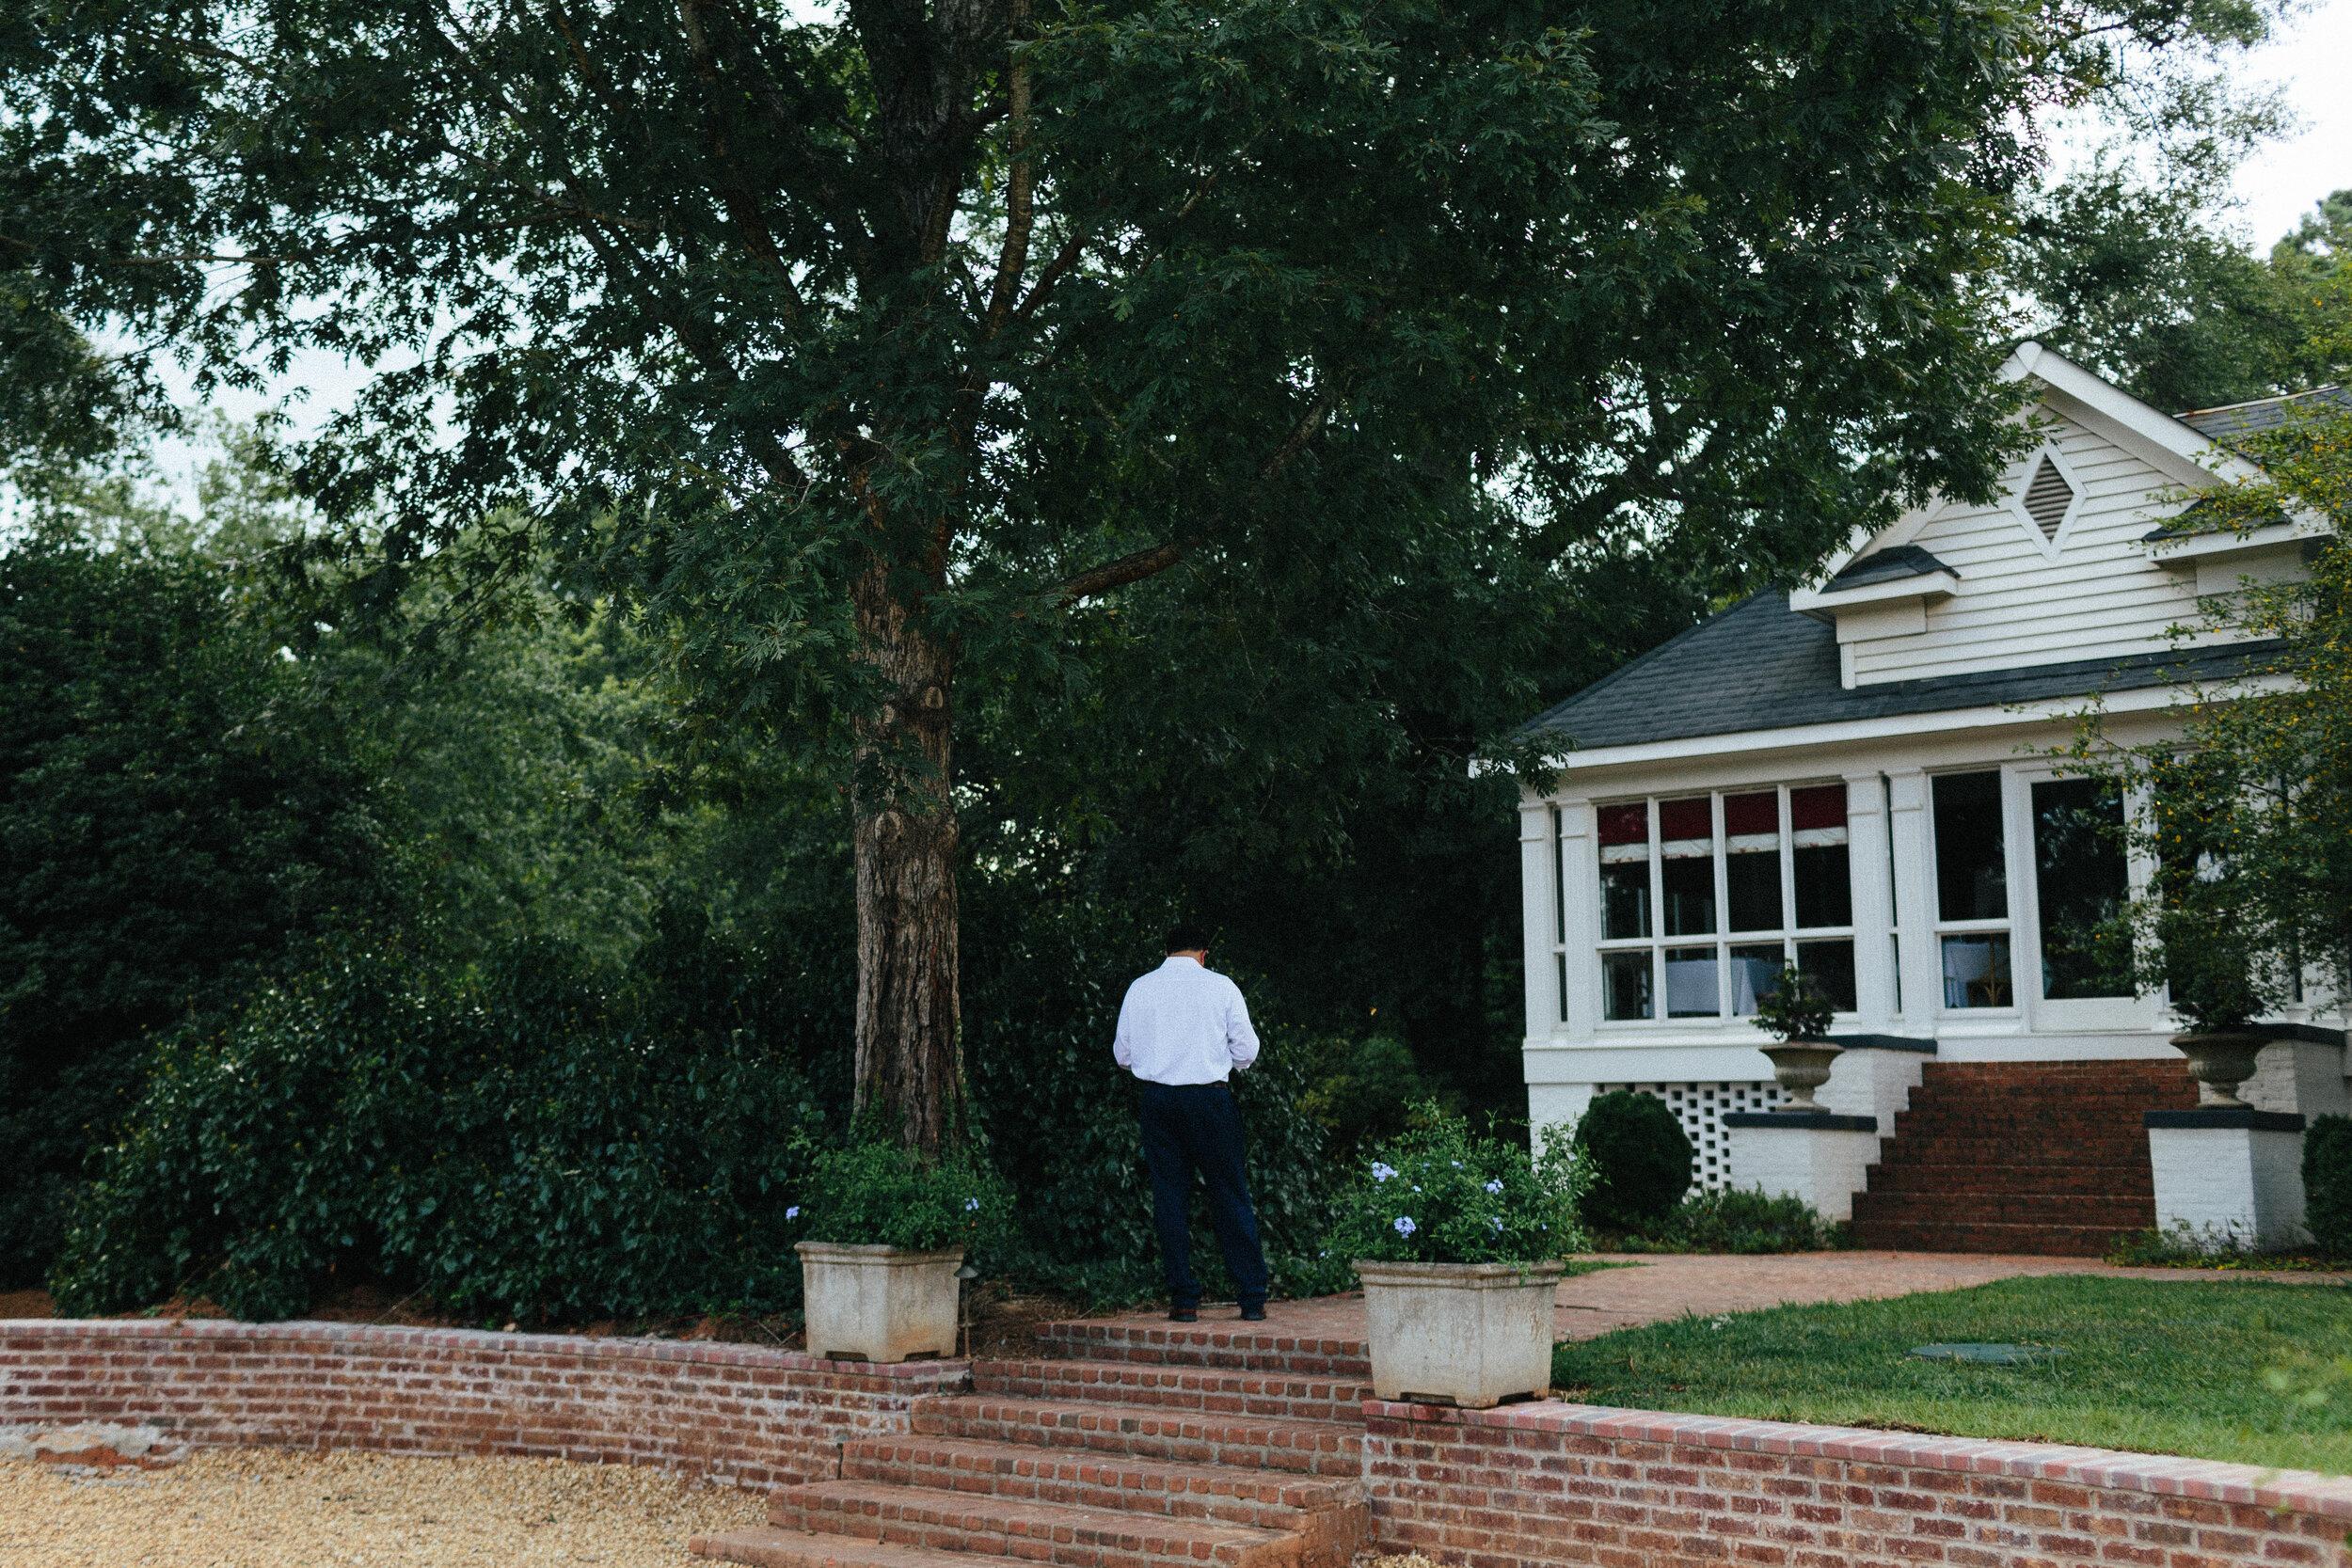 serenbe_forest_summer_wedding_farmhouse_guest_house_garden_1220.jpg